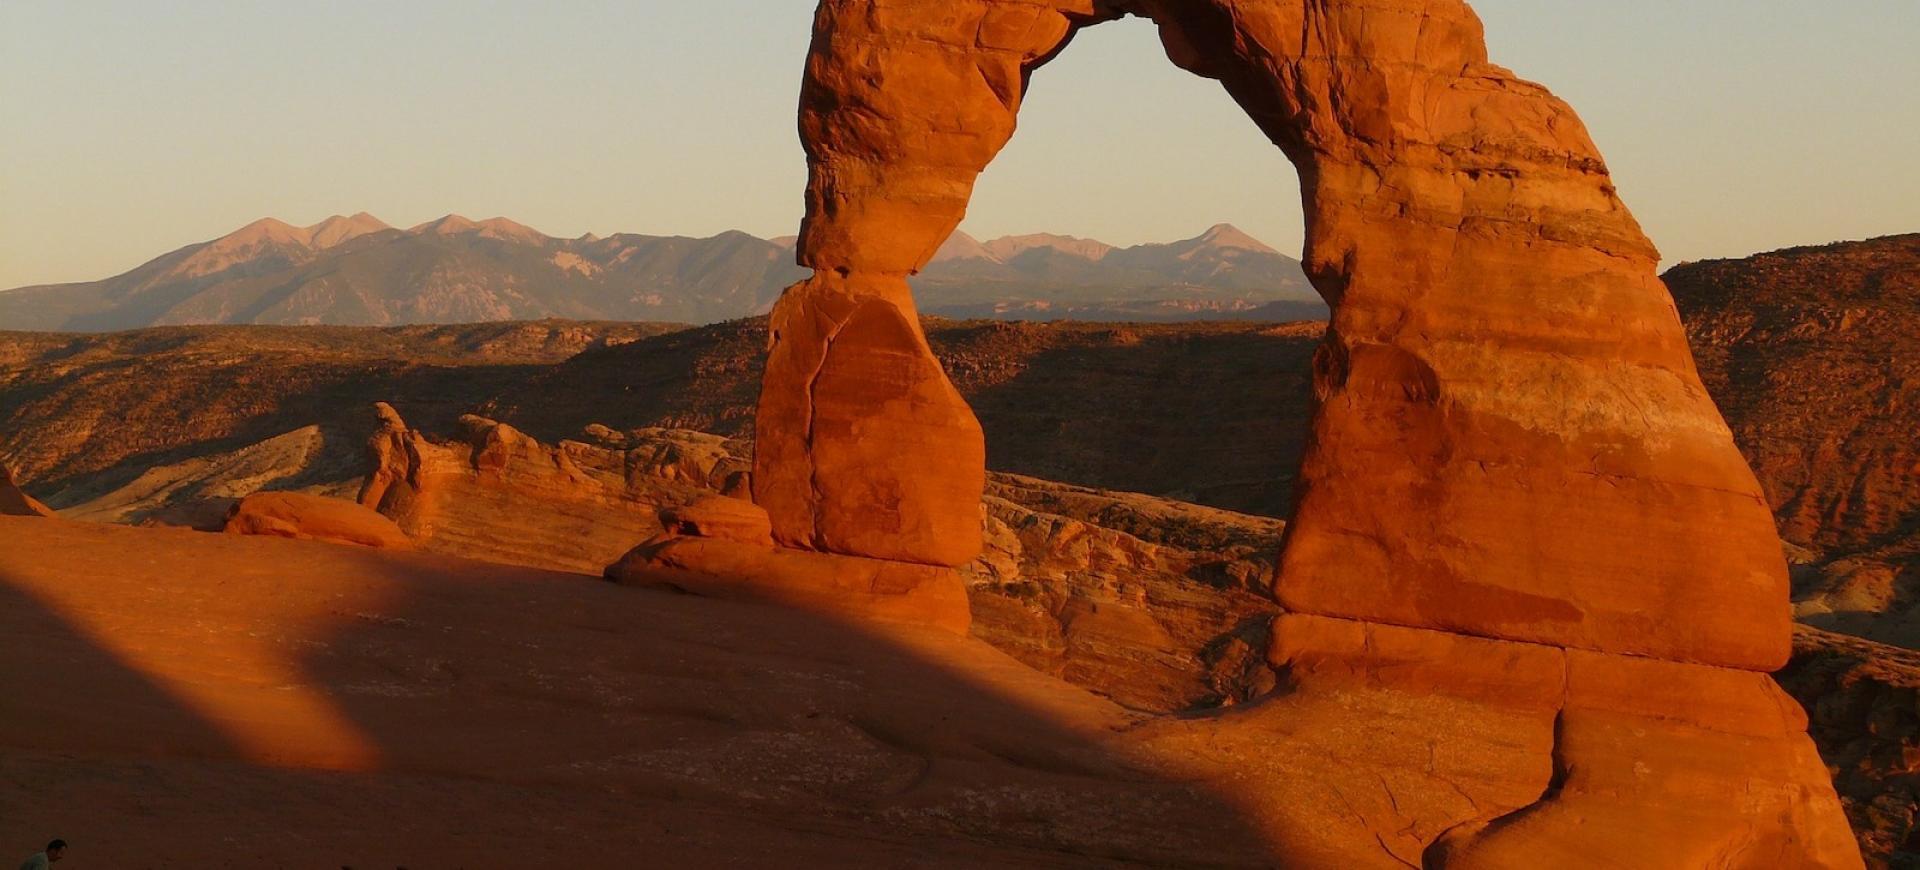 arches national park-wycieczka-usa